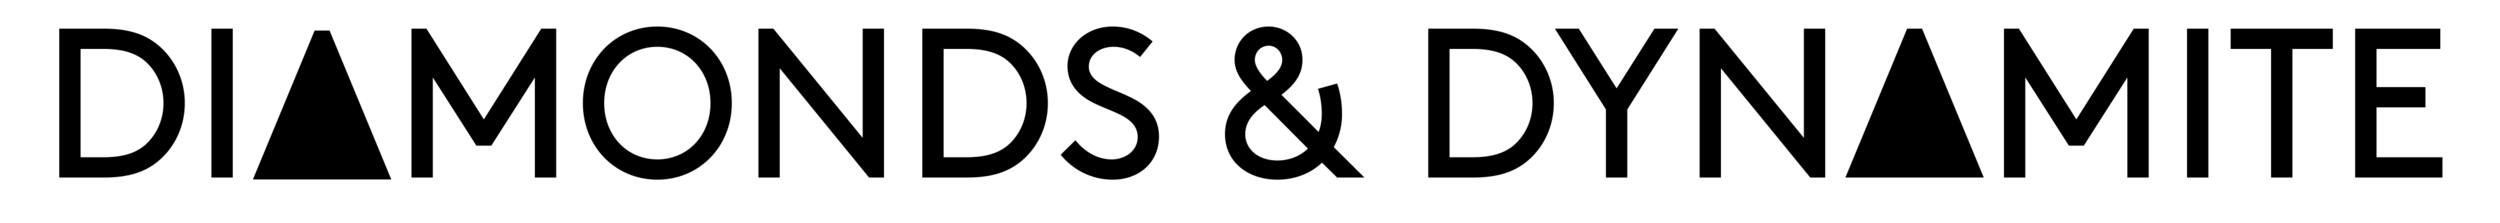 D&D font for web.png